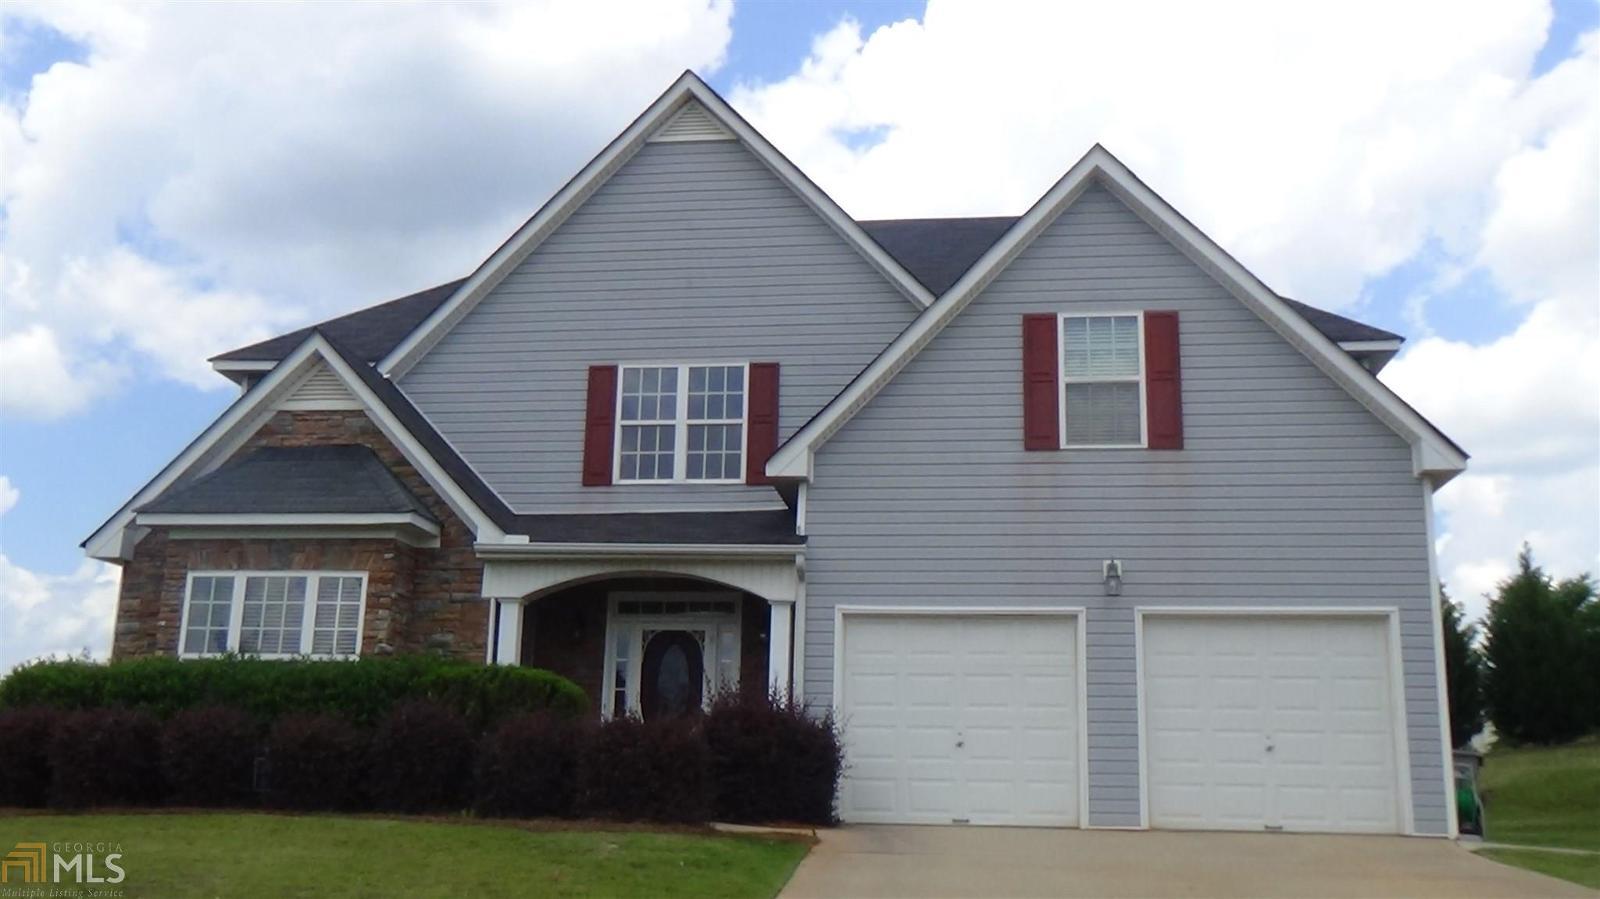 410 north pointe dr lagrange ga mls 8196216 better for Home builders lagrange ga